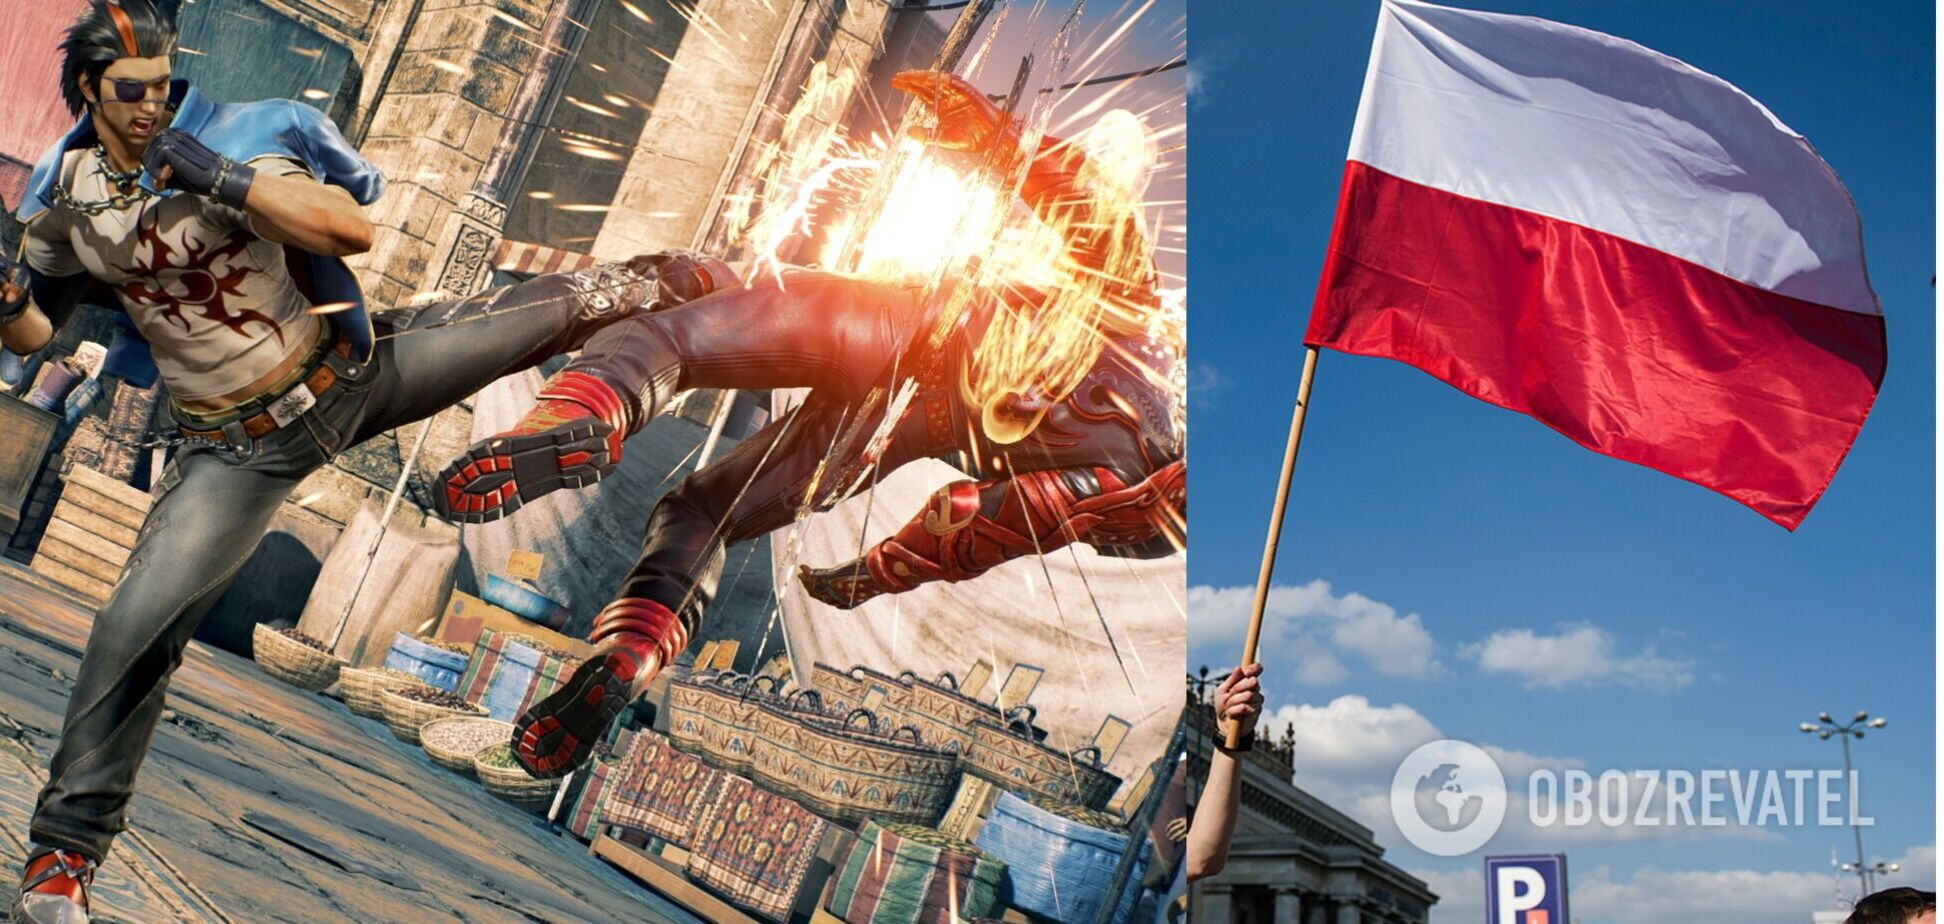 'Прем'єр-міністр' Польщі став бійцем у комп'ютерній грі. Відео